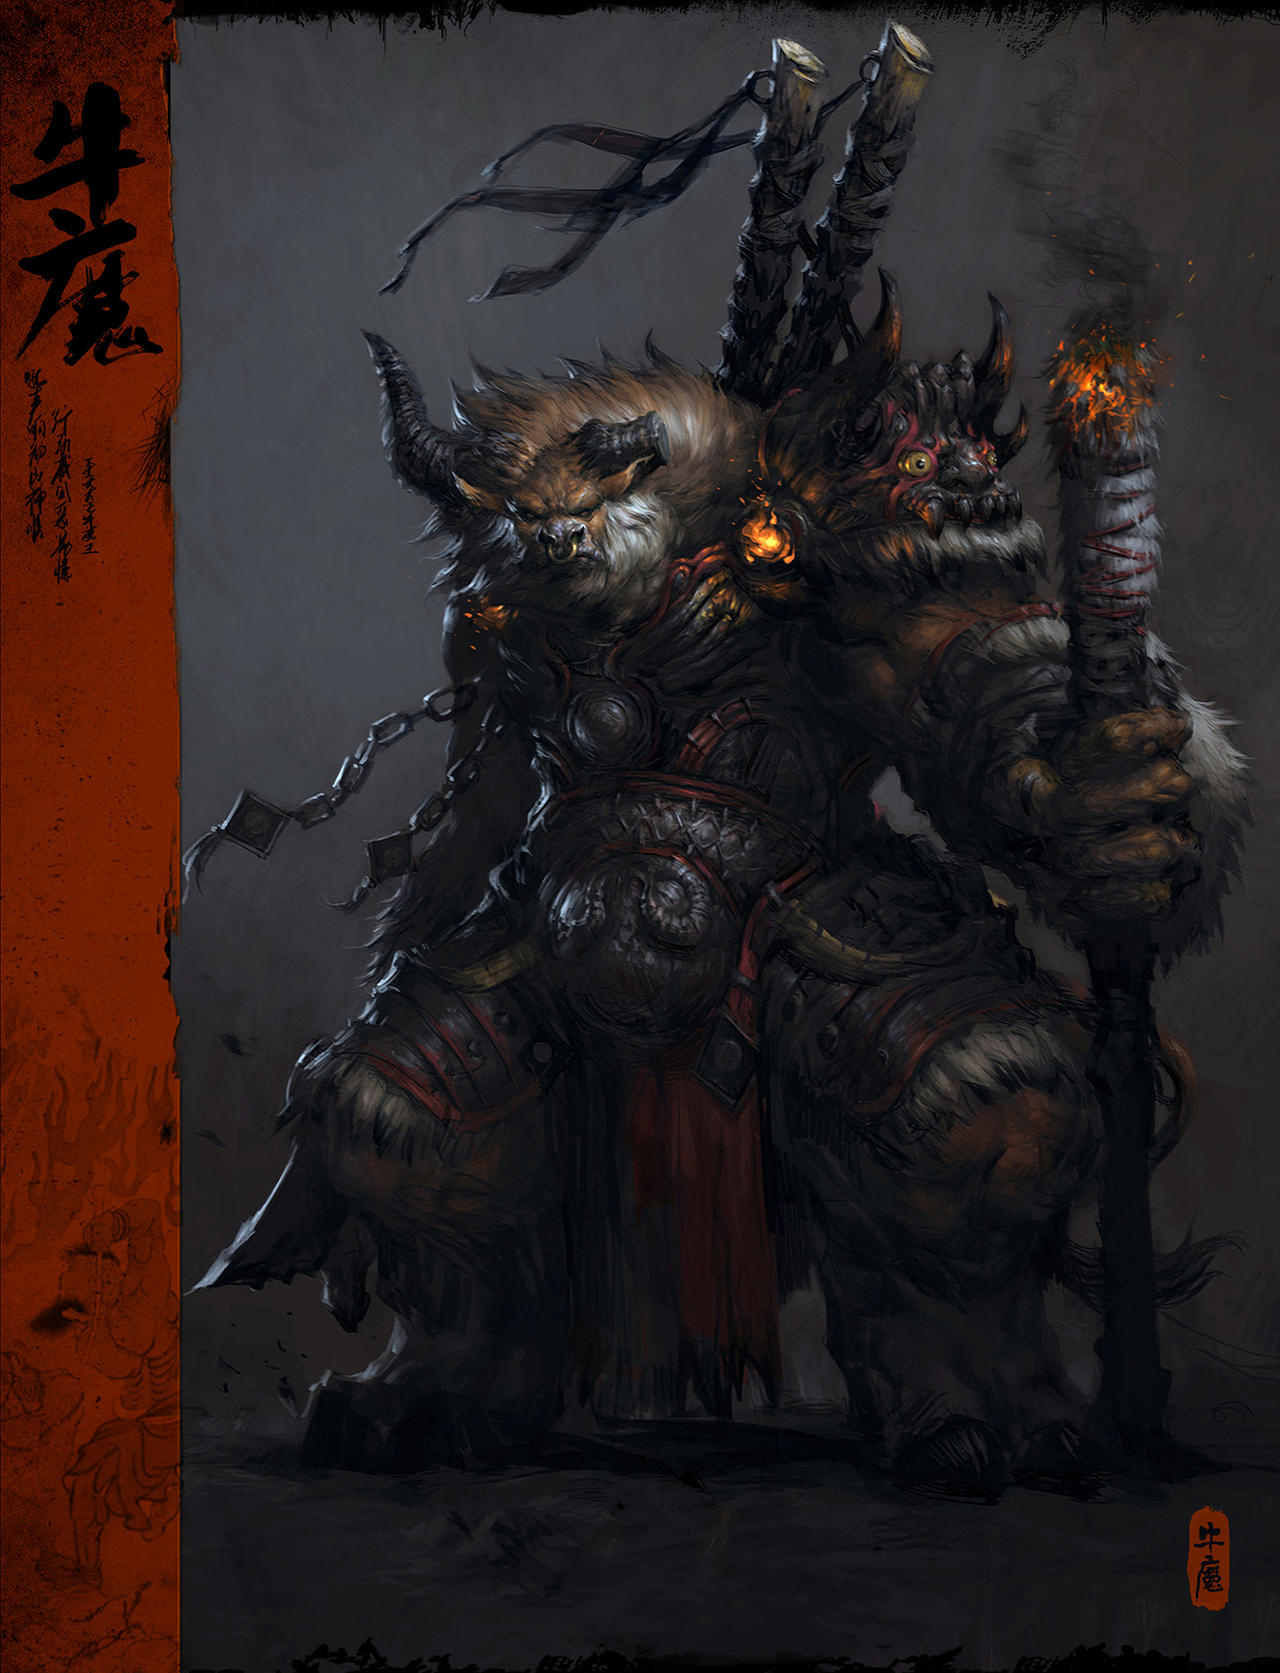 bull devil demon of - photo #10